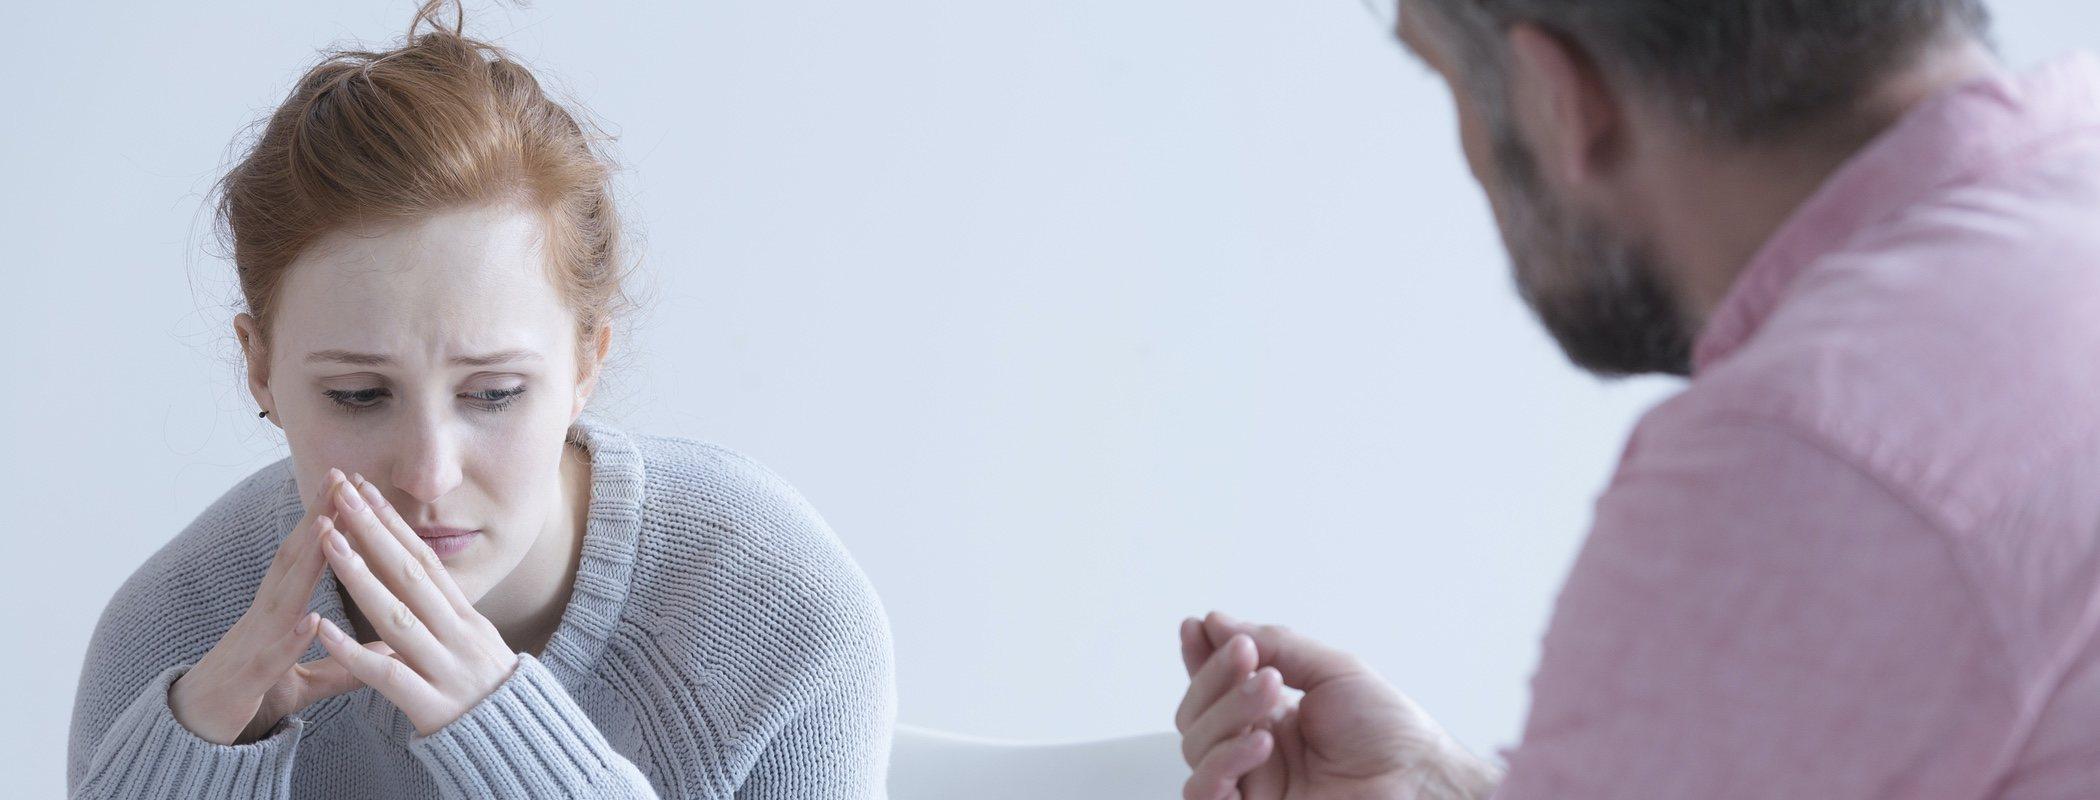 Detecta y termina con el maltrato psicológico en tu relación